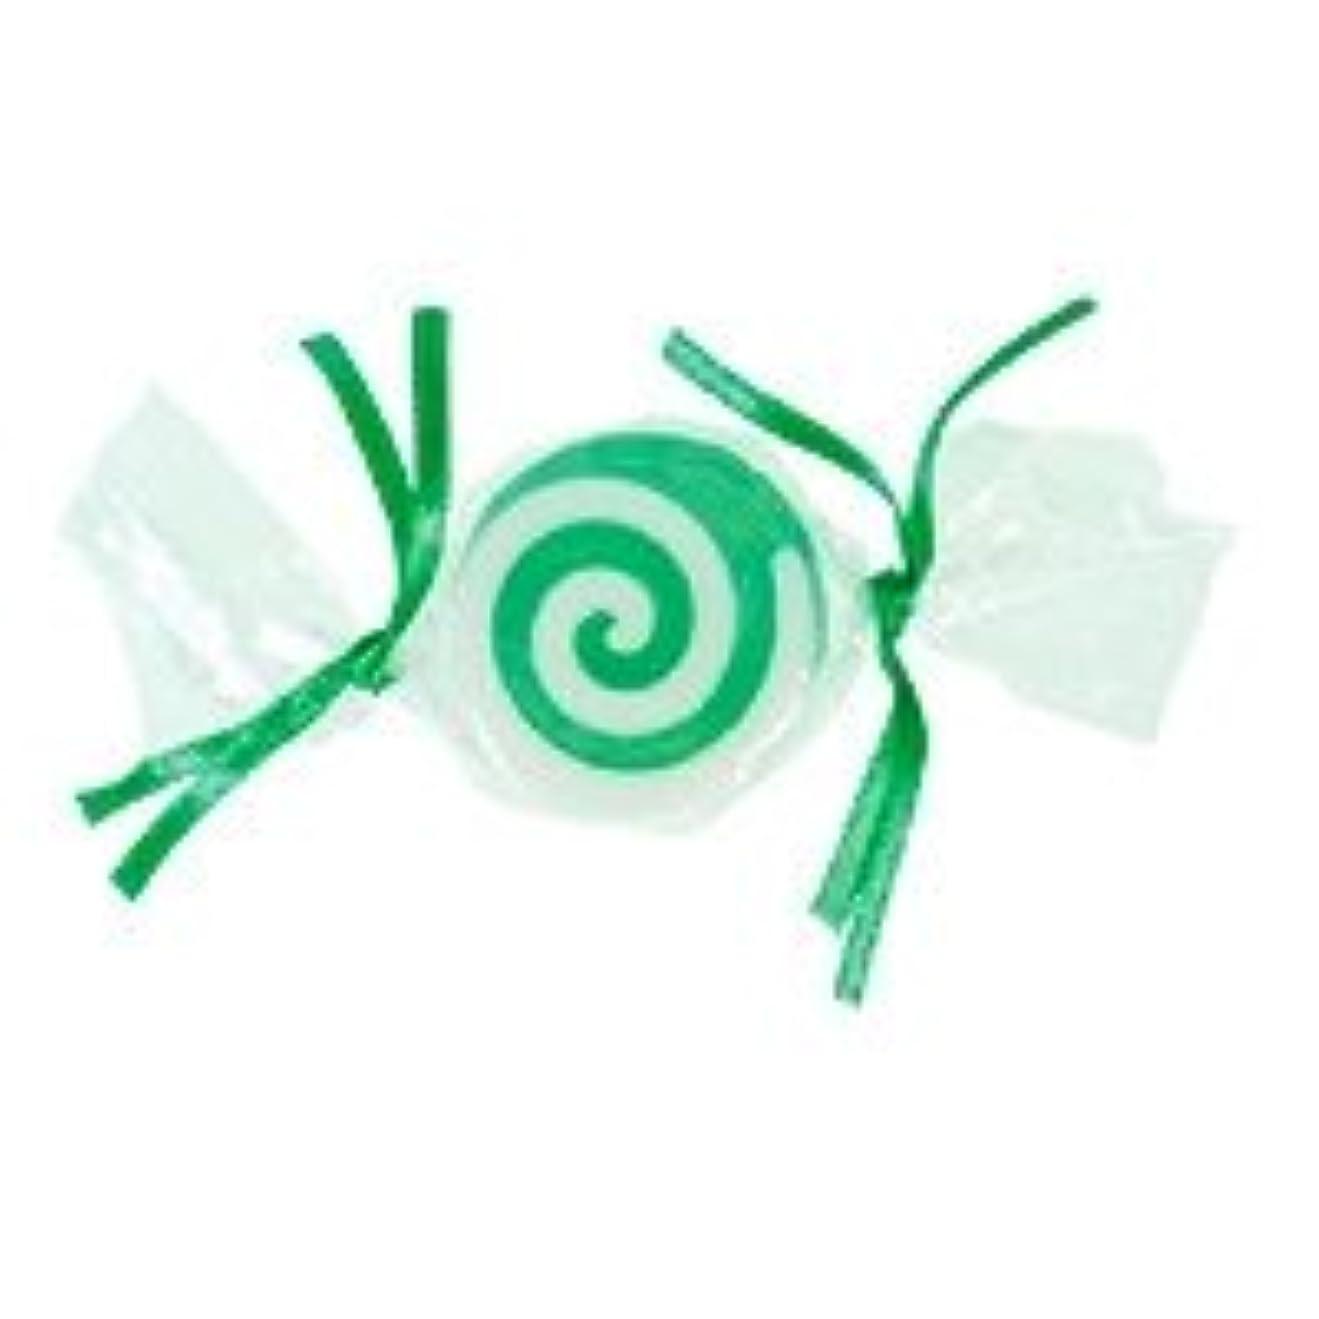 戦う哺乳類苦しめるベジタブルソープ キャンディ「グリーン」20個セット グリーンアップルの香り